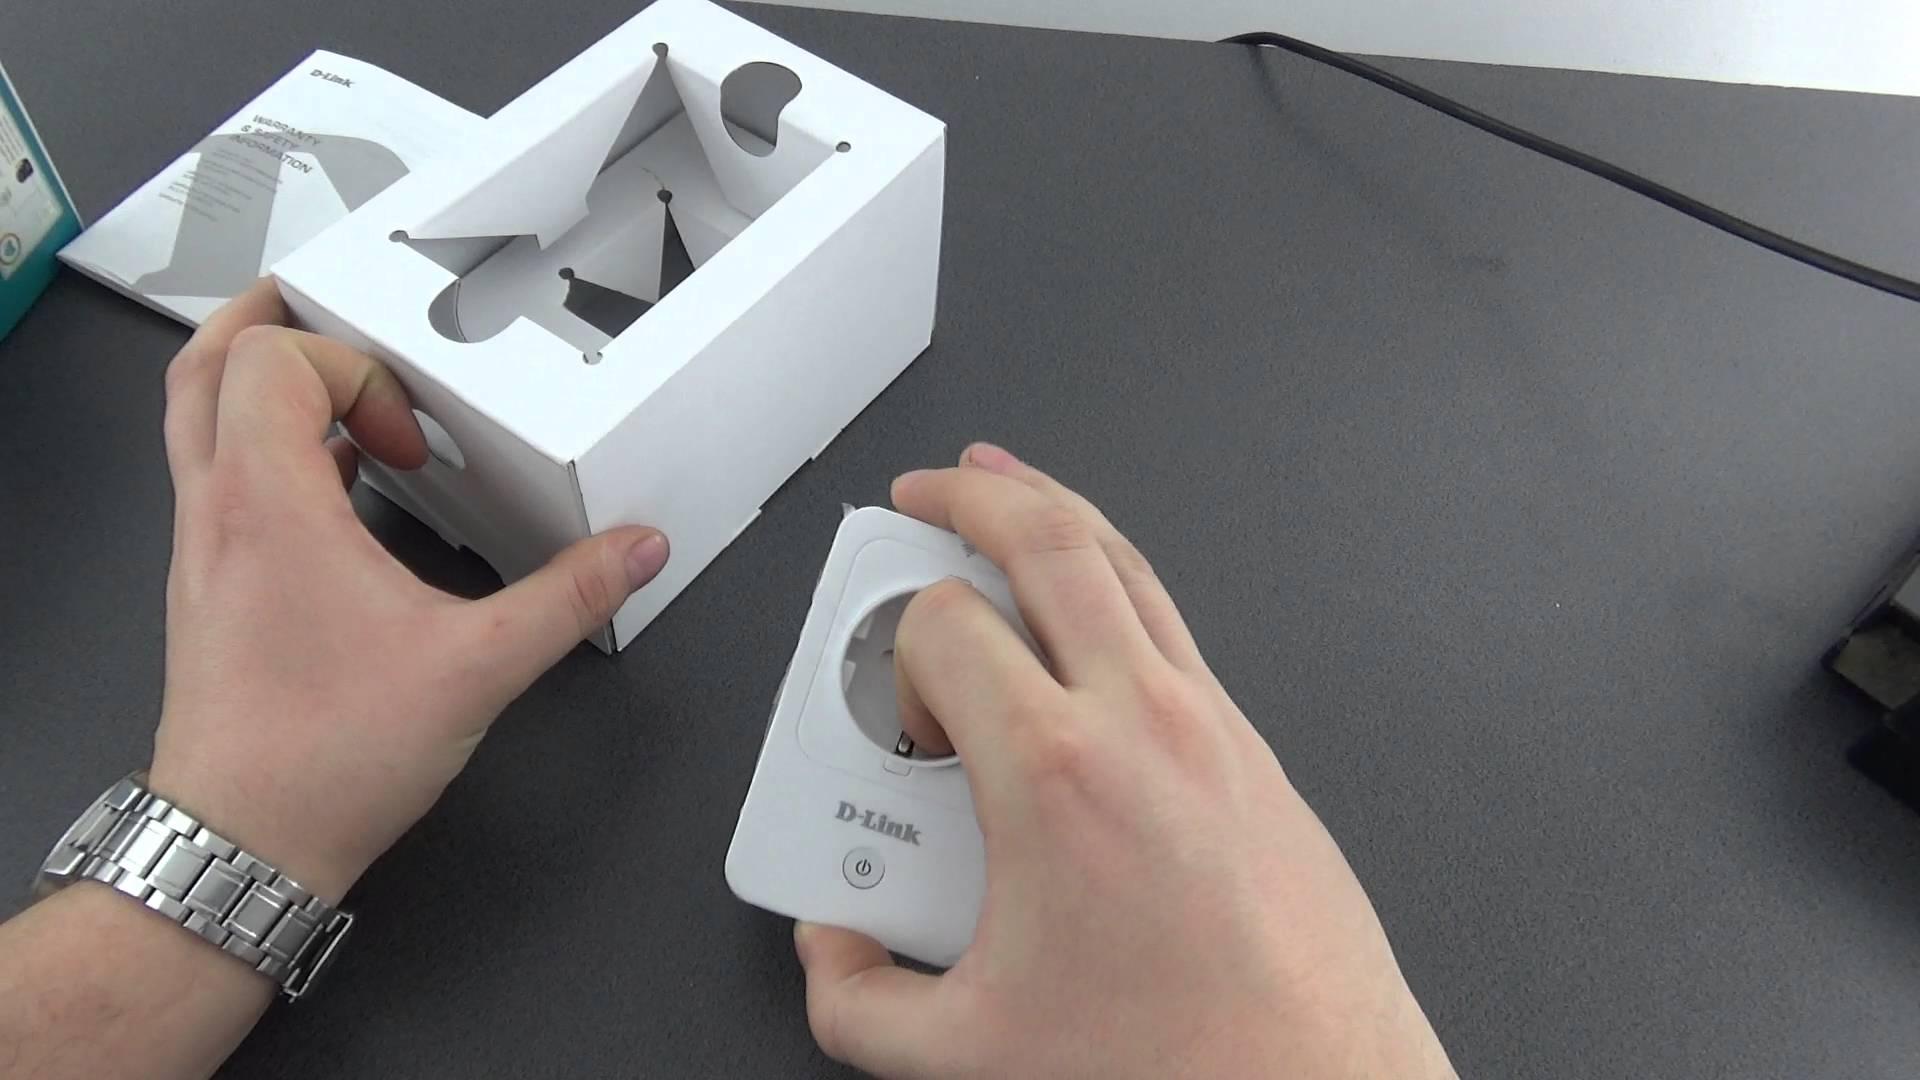 Unboxing SmartPlug D-Link cum ne transformam casa intr-o casa inteligenta